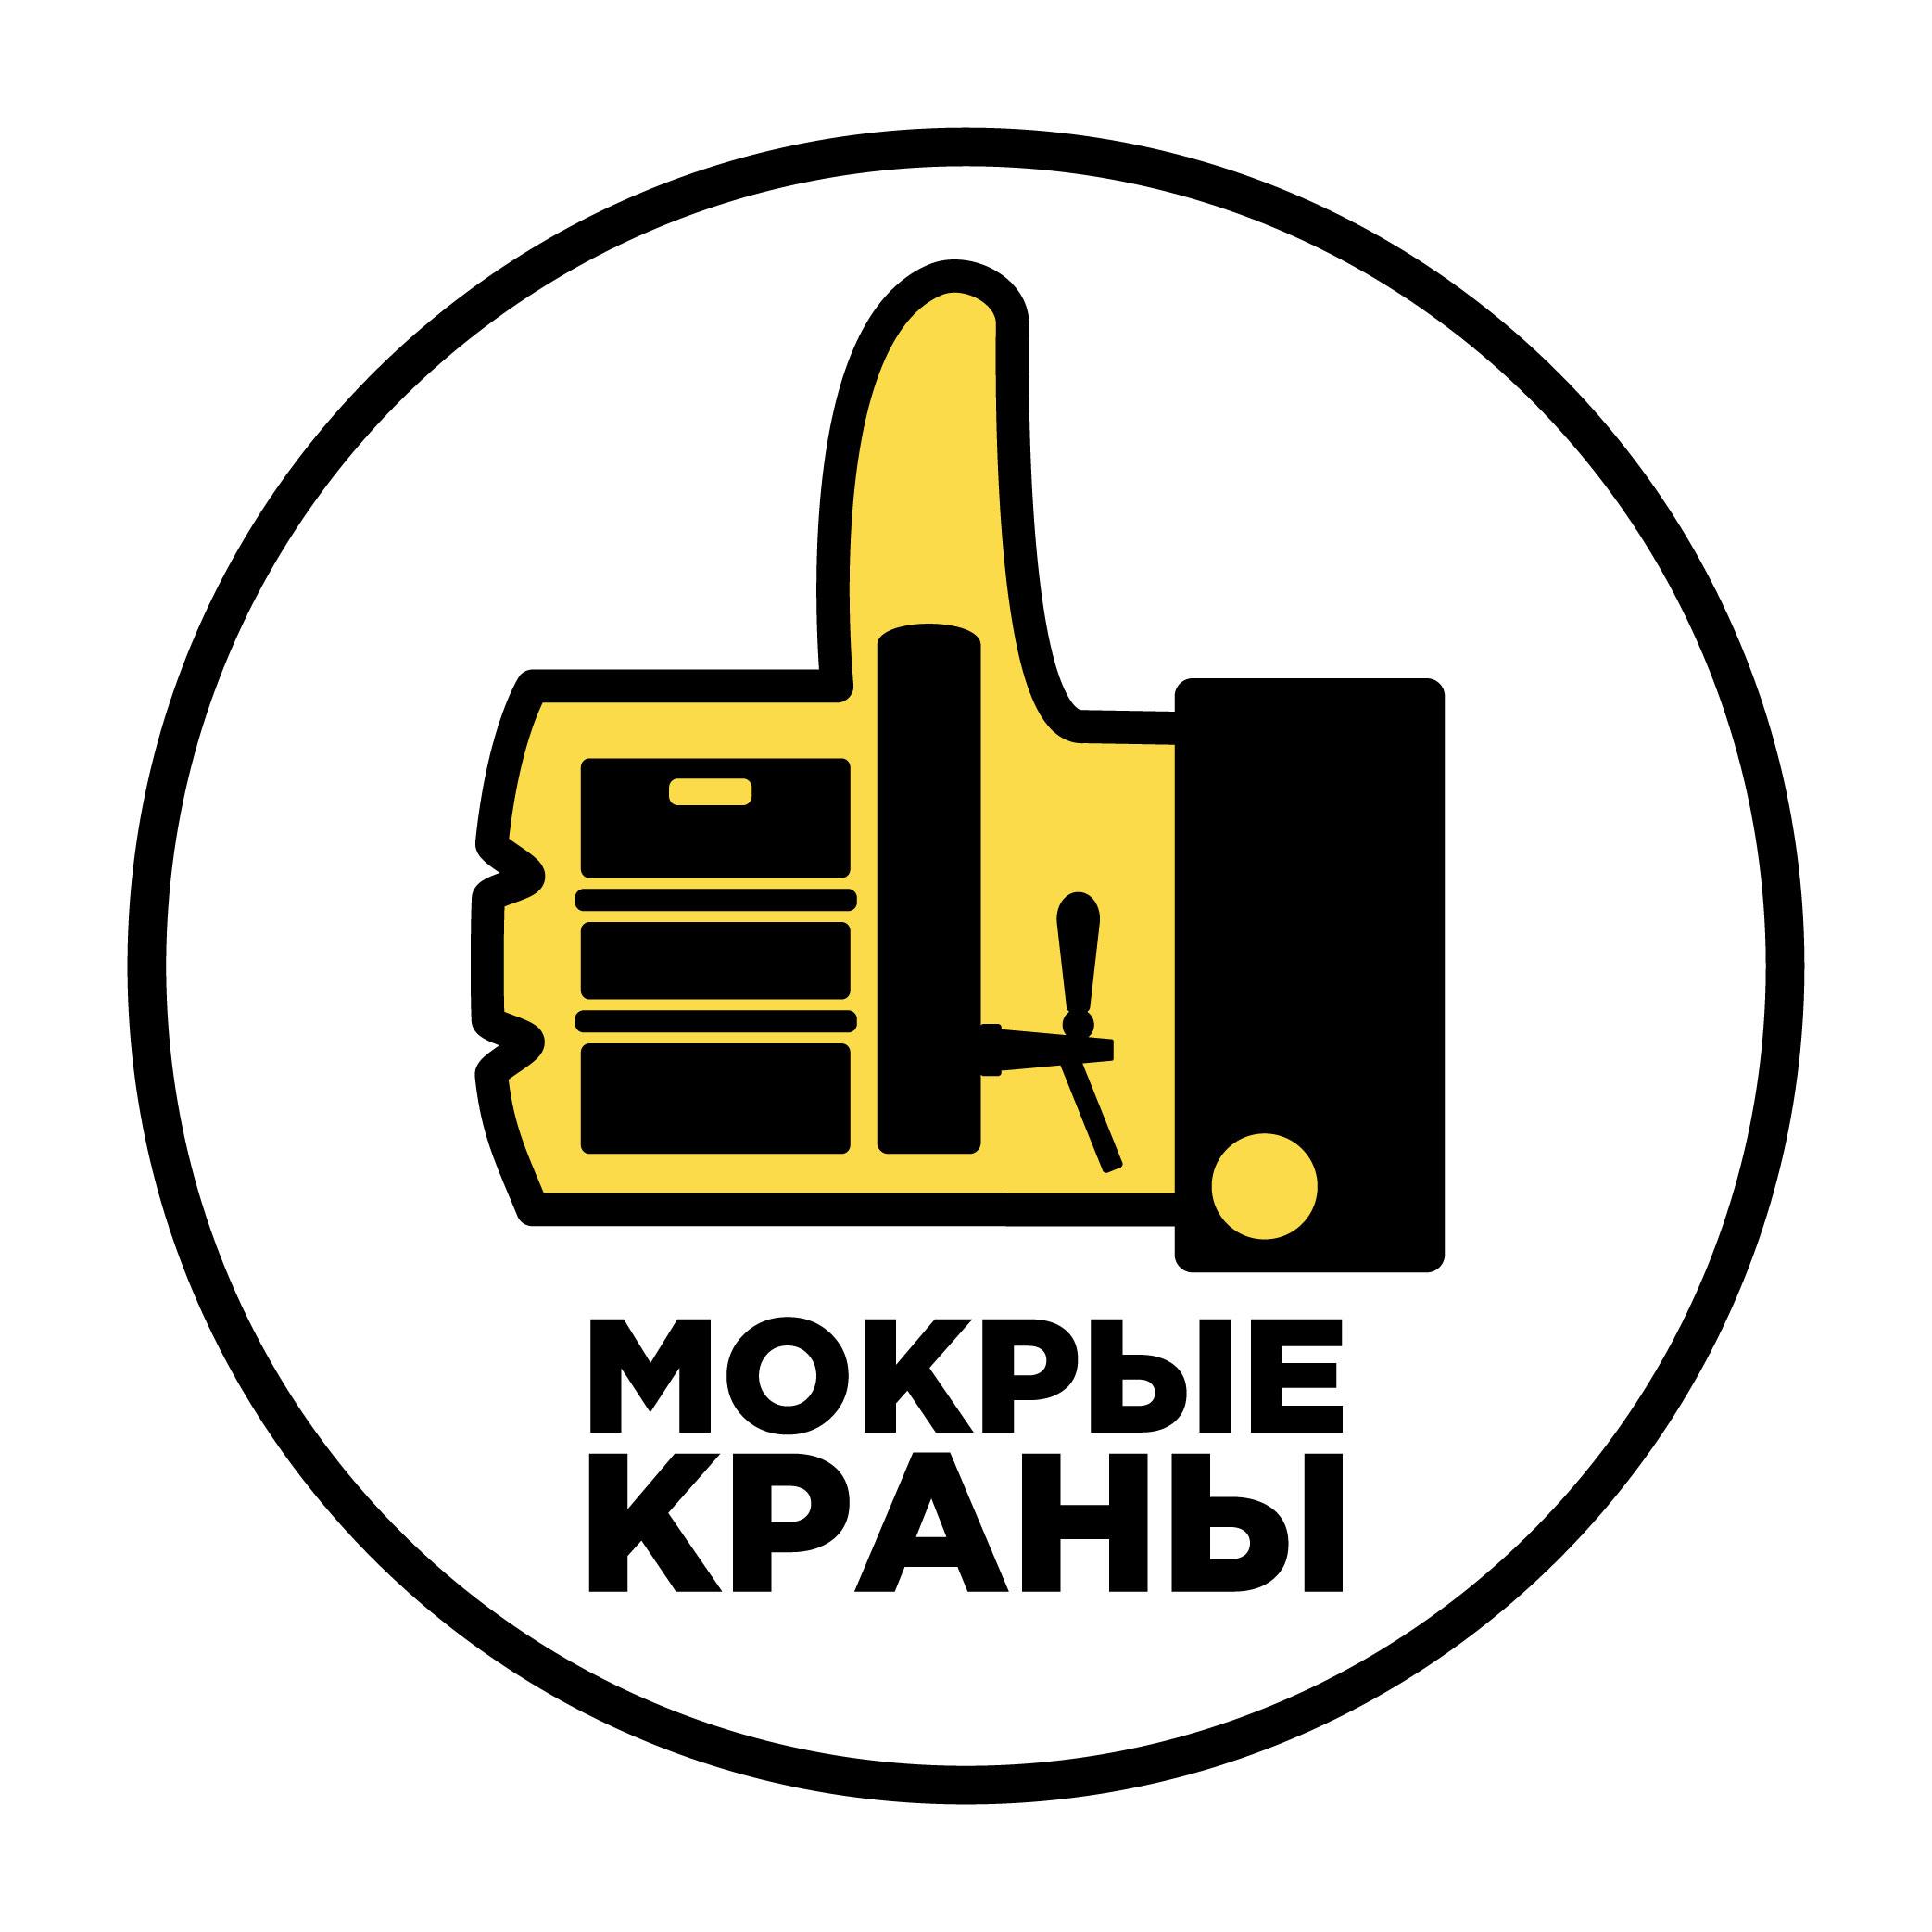 Вывеска/логотип для пивного магазина фото f_2896024081015593.jpg